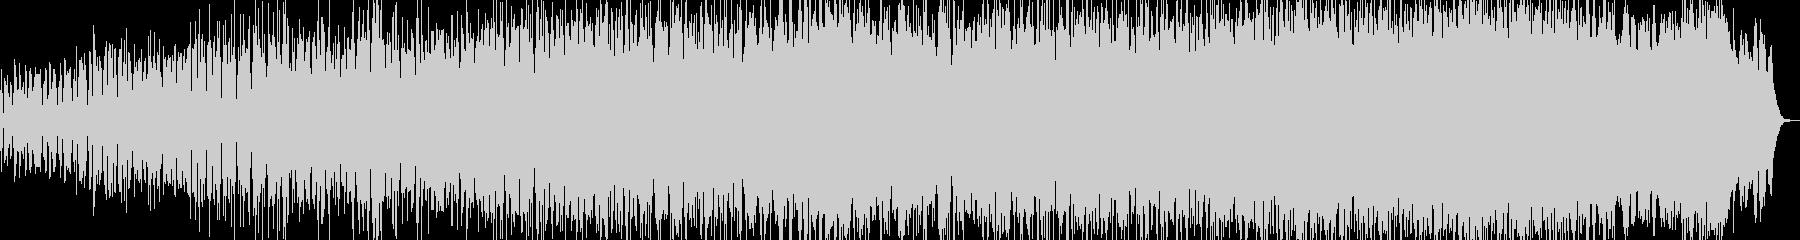 レトロフューチャー風のミニマルテクノの未再生の波形